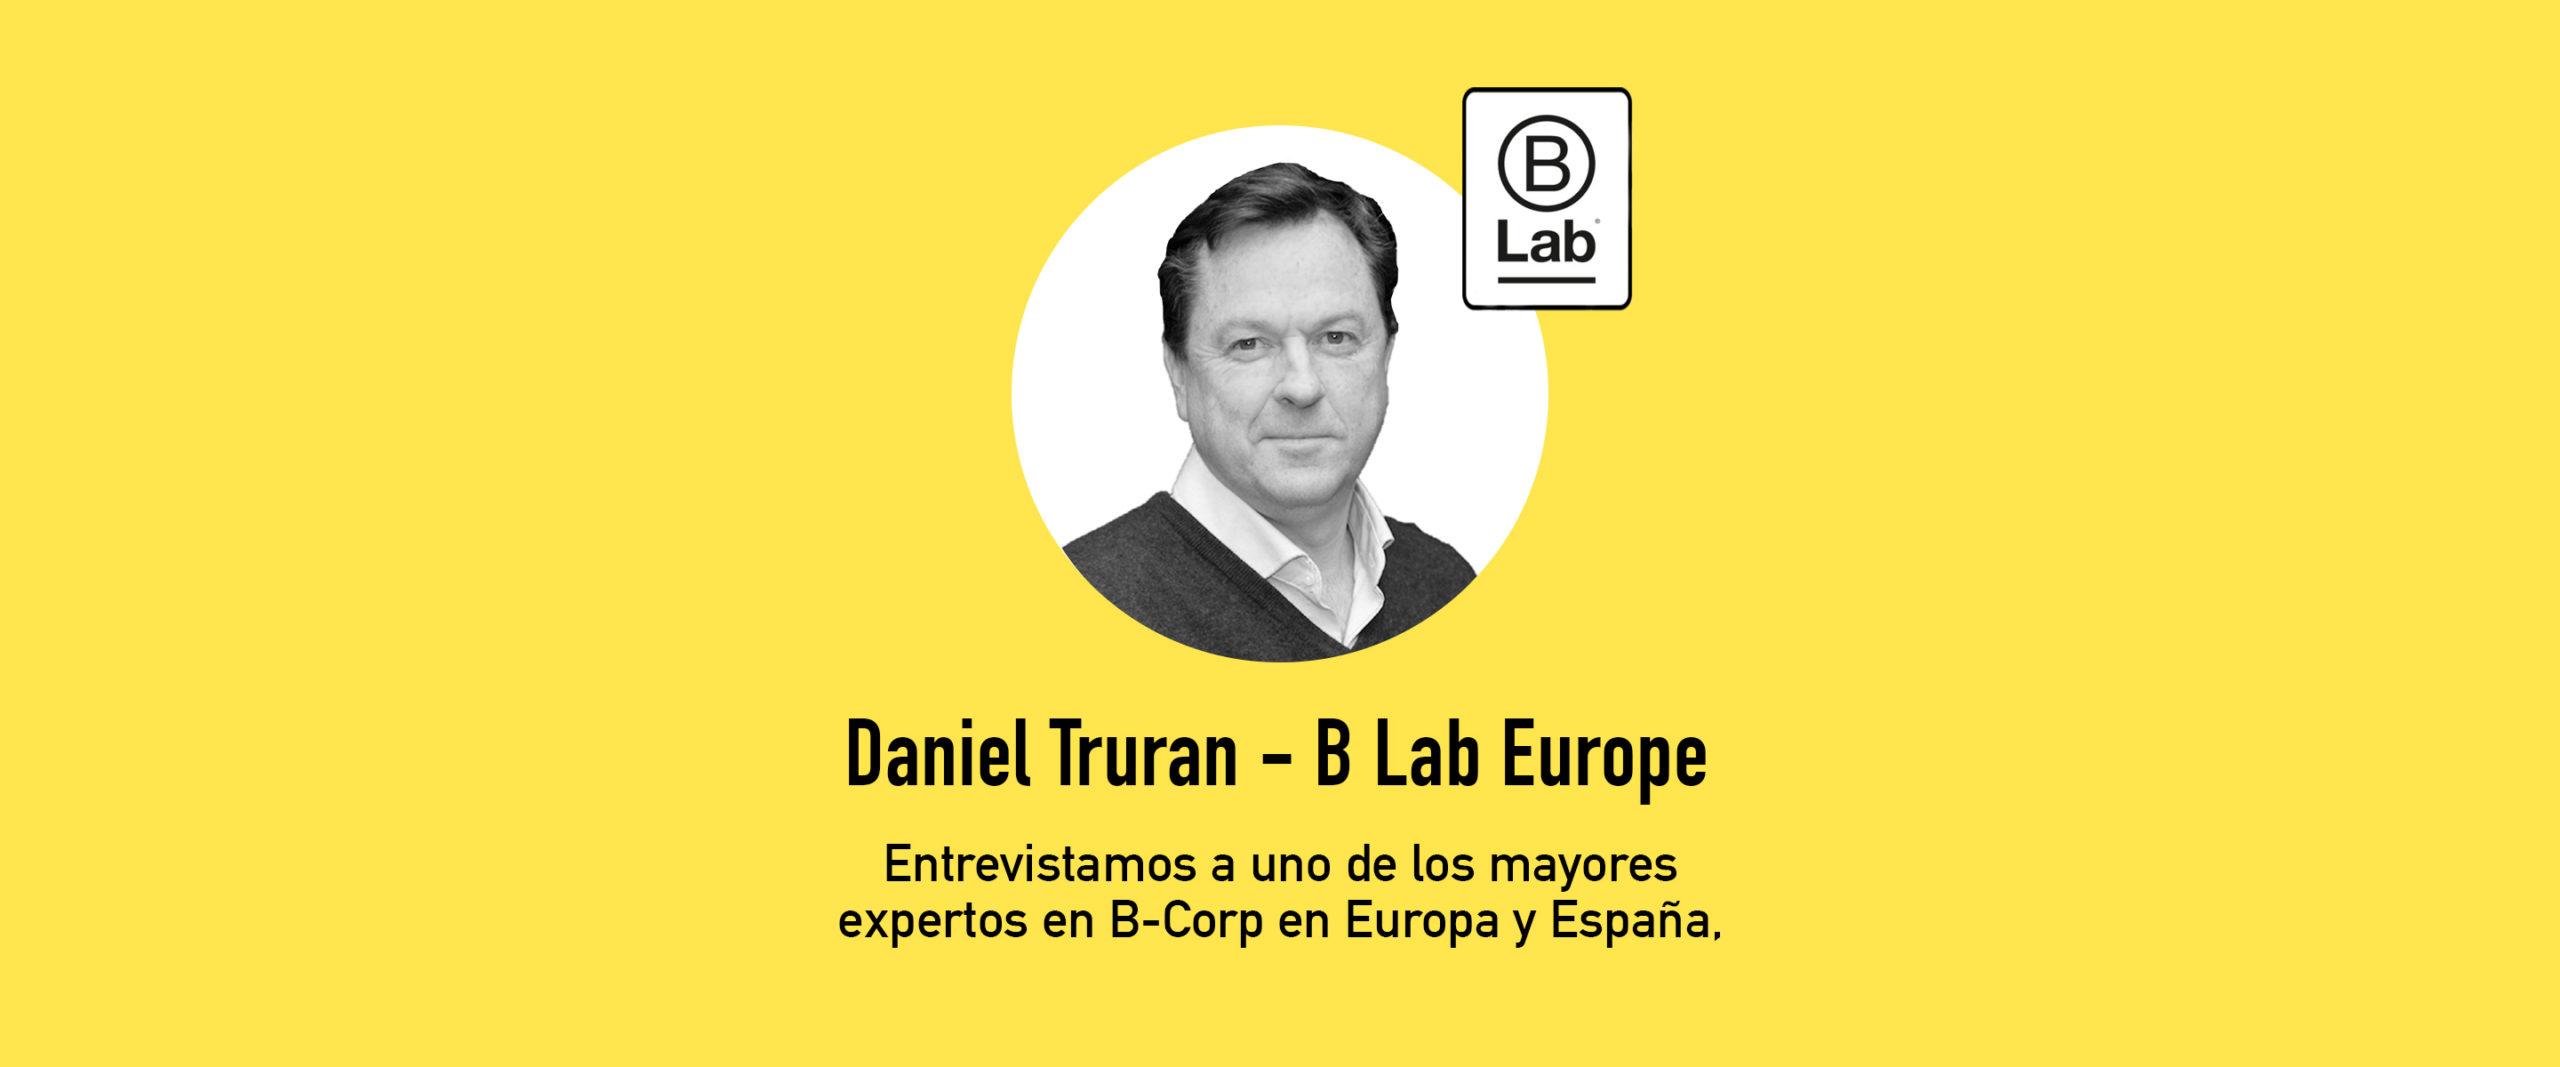 Entrevista con Daniel Truran, embajador de B-Corp en España